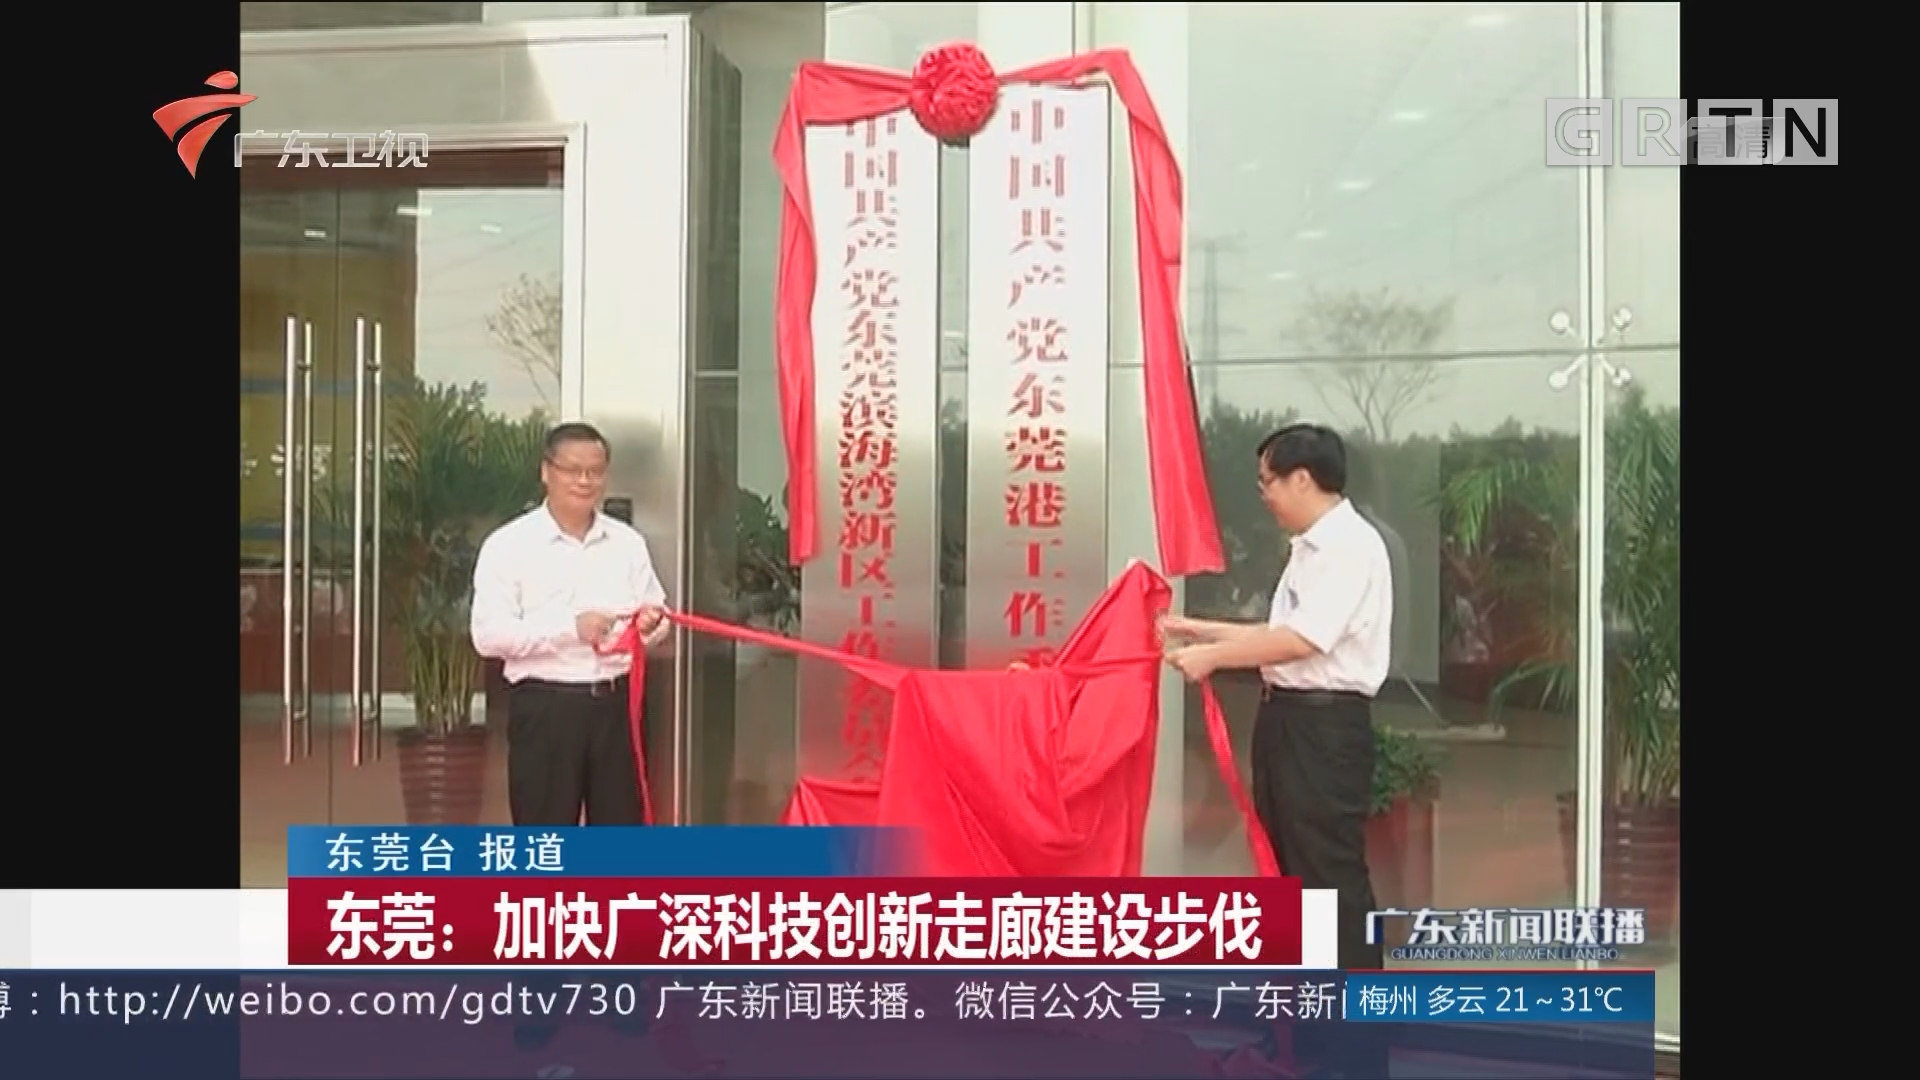 东莞:加快广深科技创新走廊建设步伐